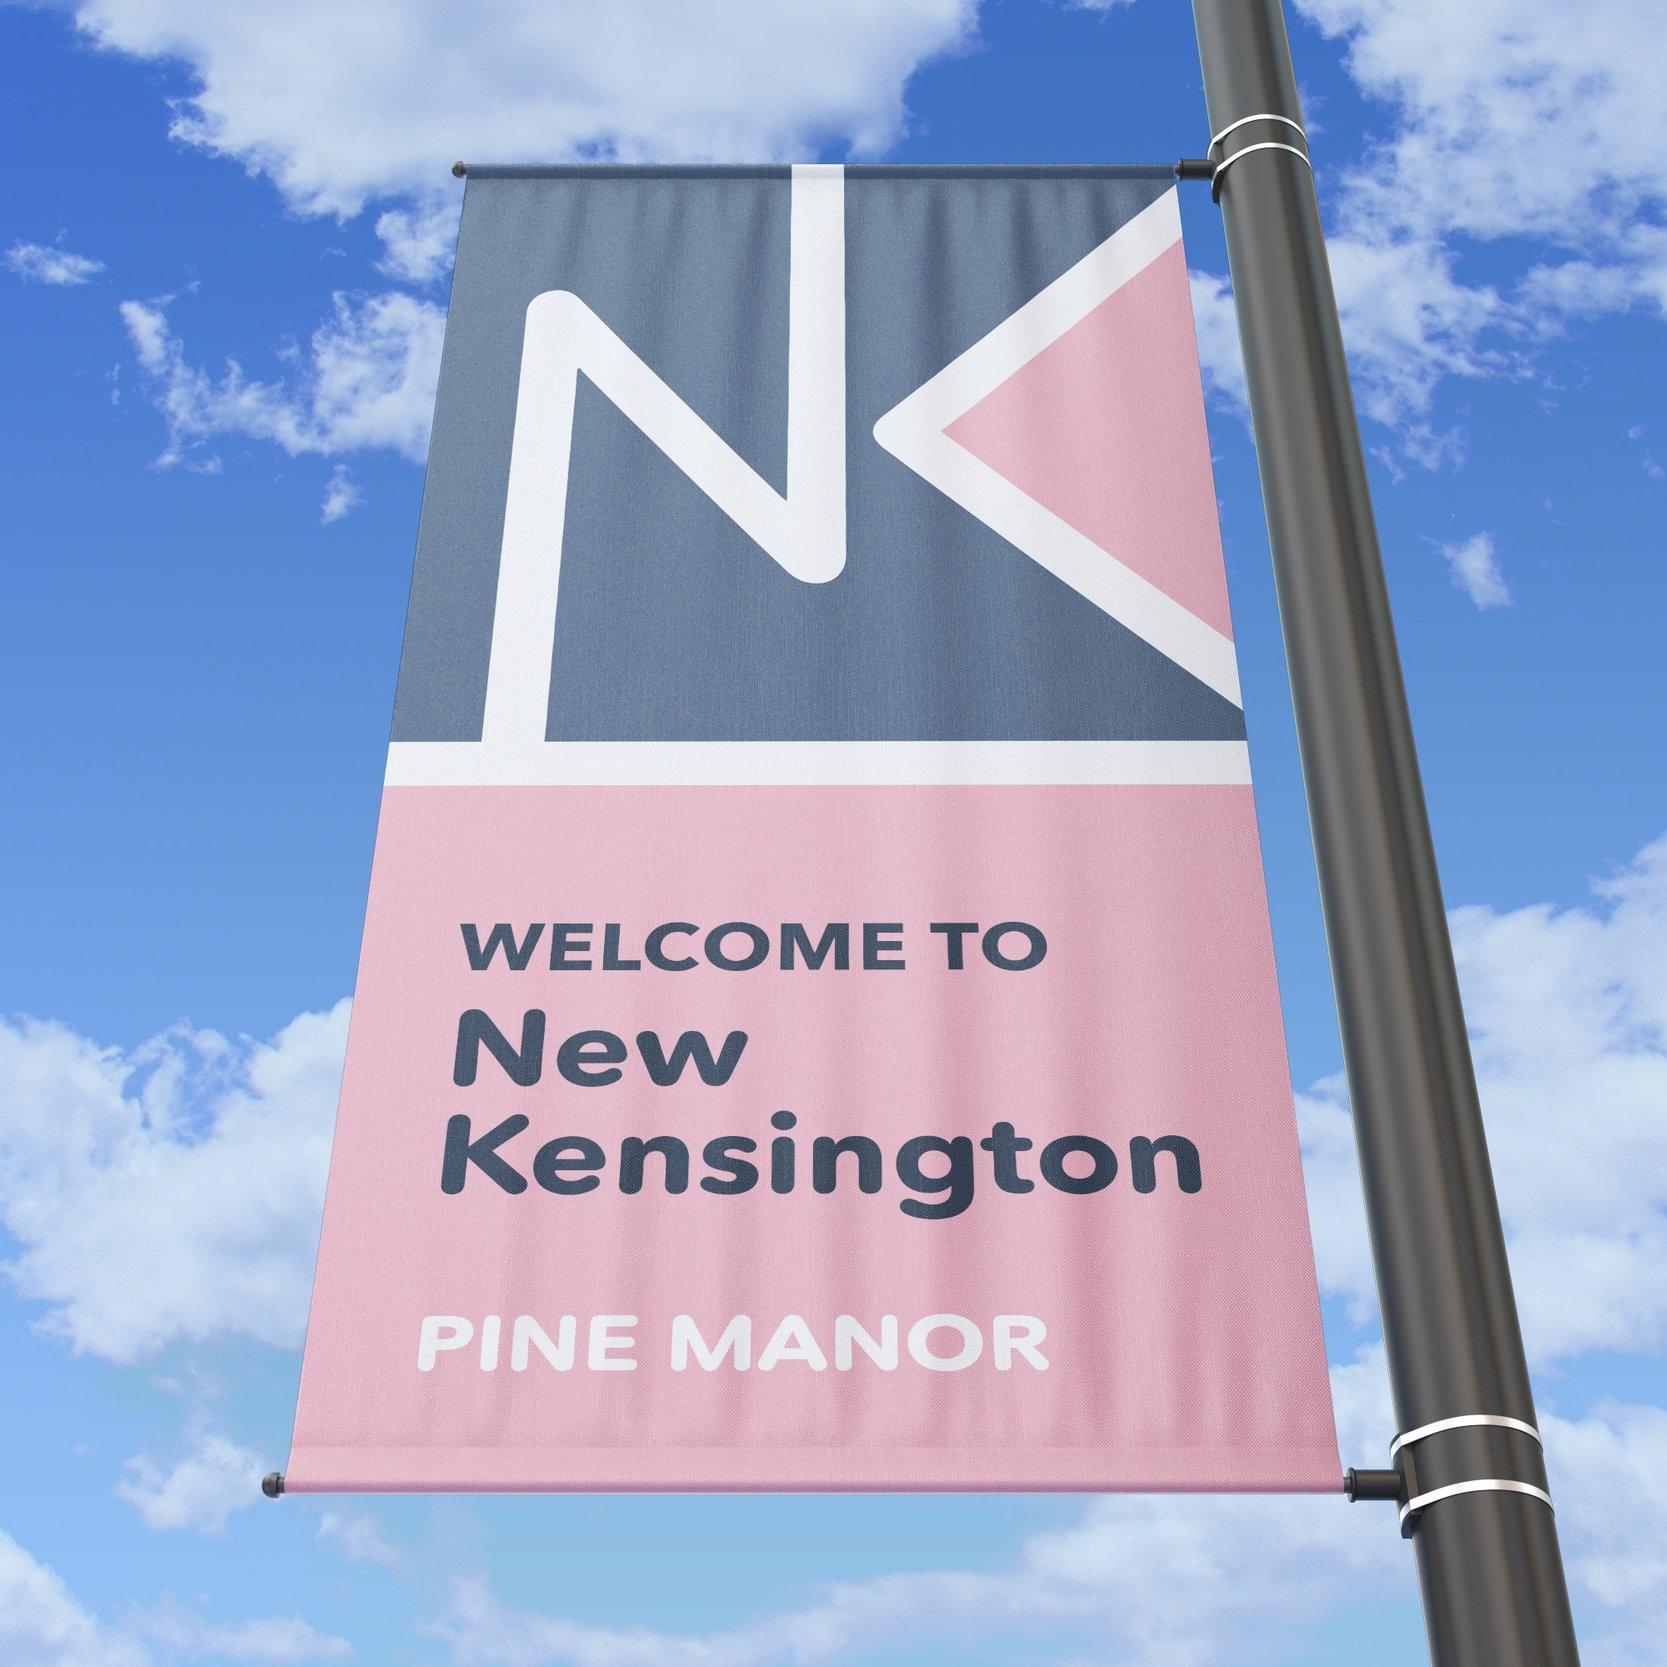 NewKen_Welcome_Poster_Concept2_PineManor.jpg